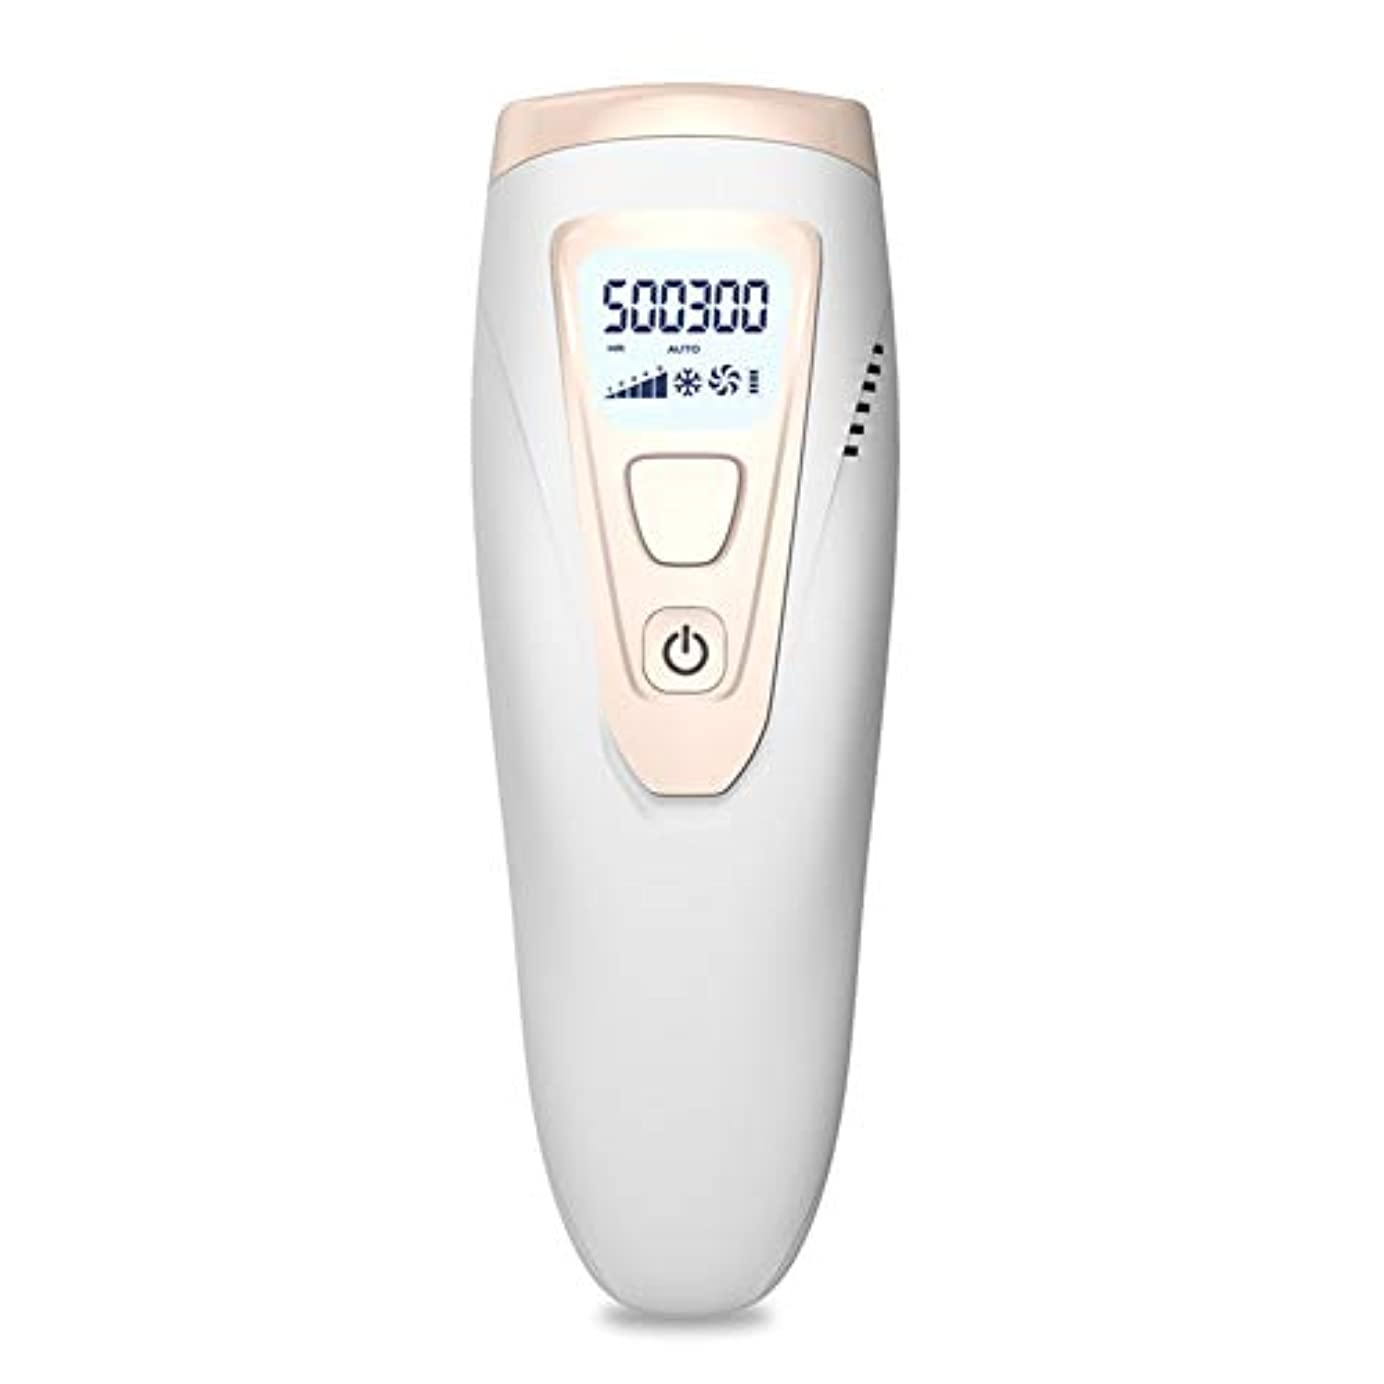 パターンリクルートネズミアイスクールIPLレーザー脱毛システム50万回のフラッシュ無痛常設パルス光脱毛器デバイス、にとってボディフェイス脇の下ビキニライン